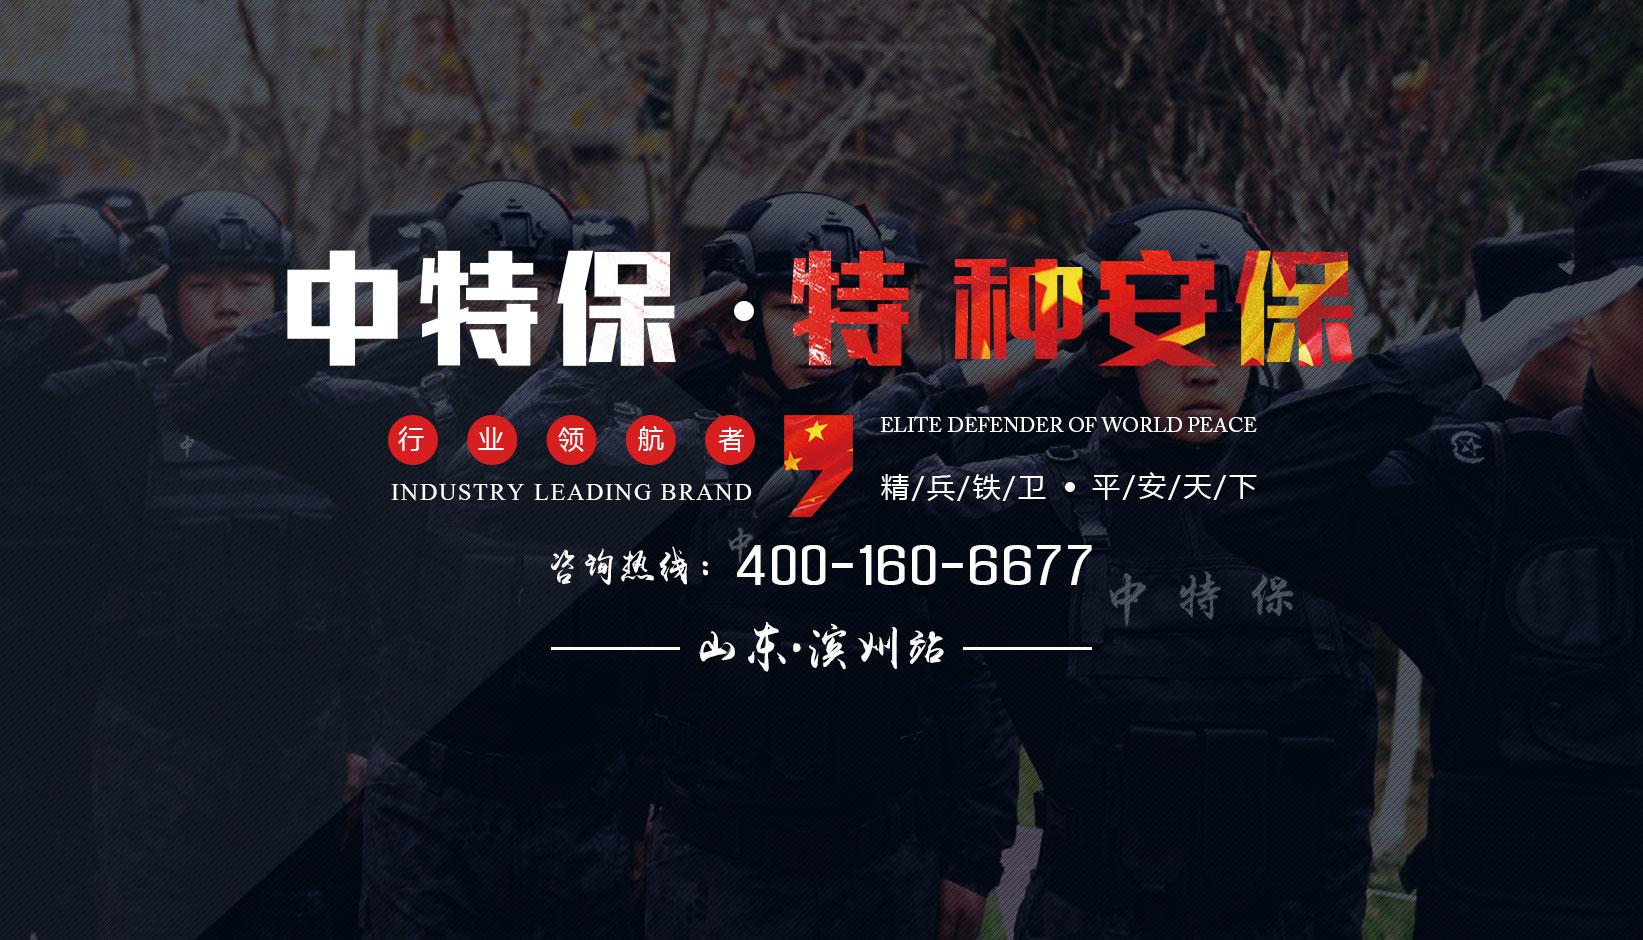 http://www.bzzhongtebao.com/business